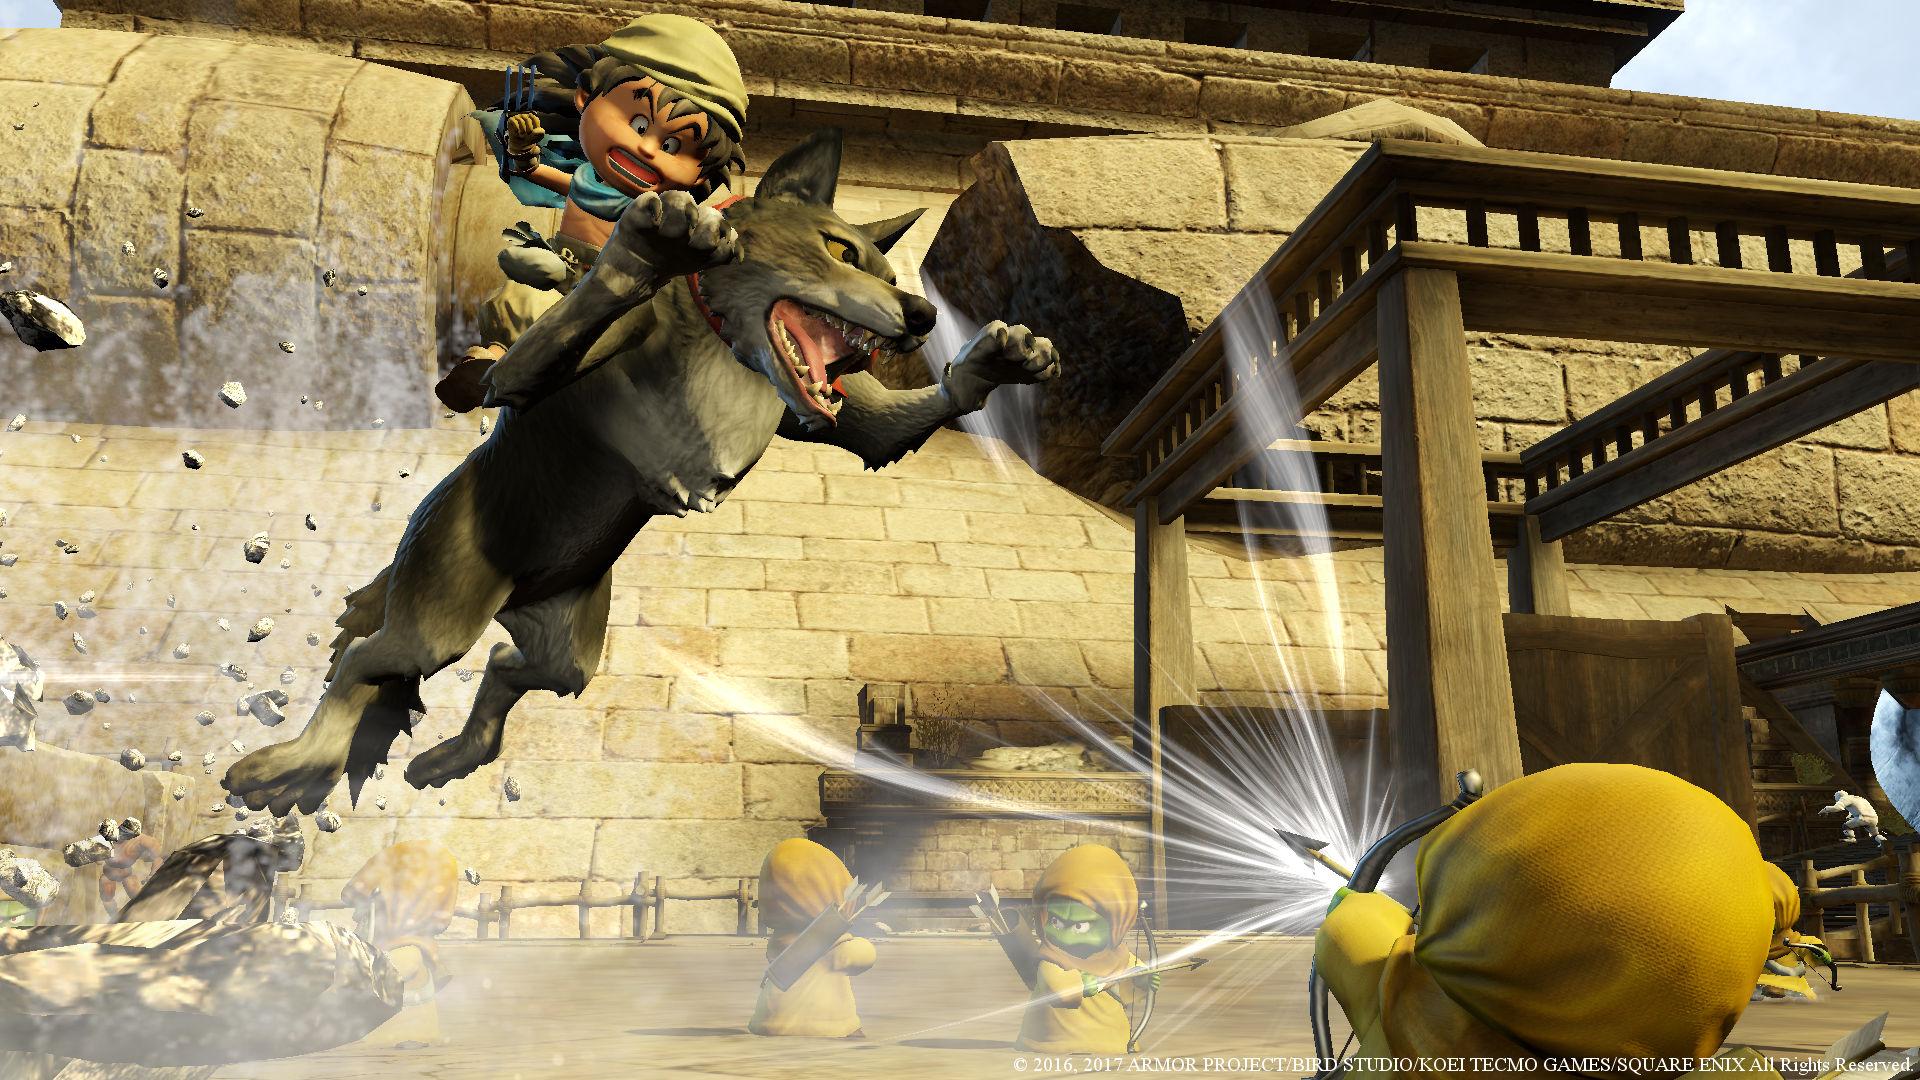 勇者斗恶龙:英雄2/Dragon Quest: Heroes Ⅱ插图25